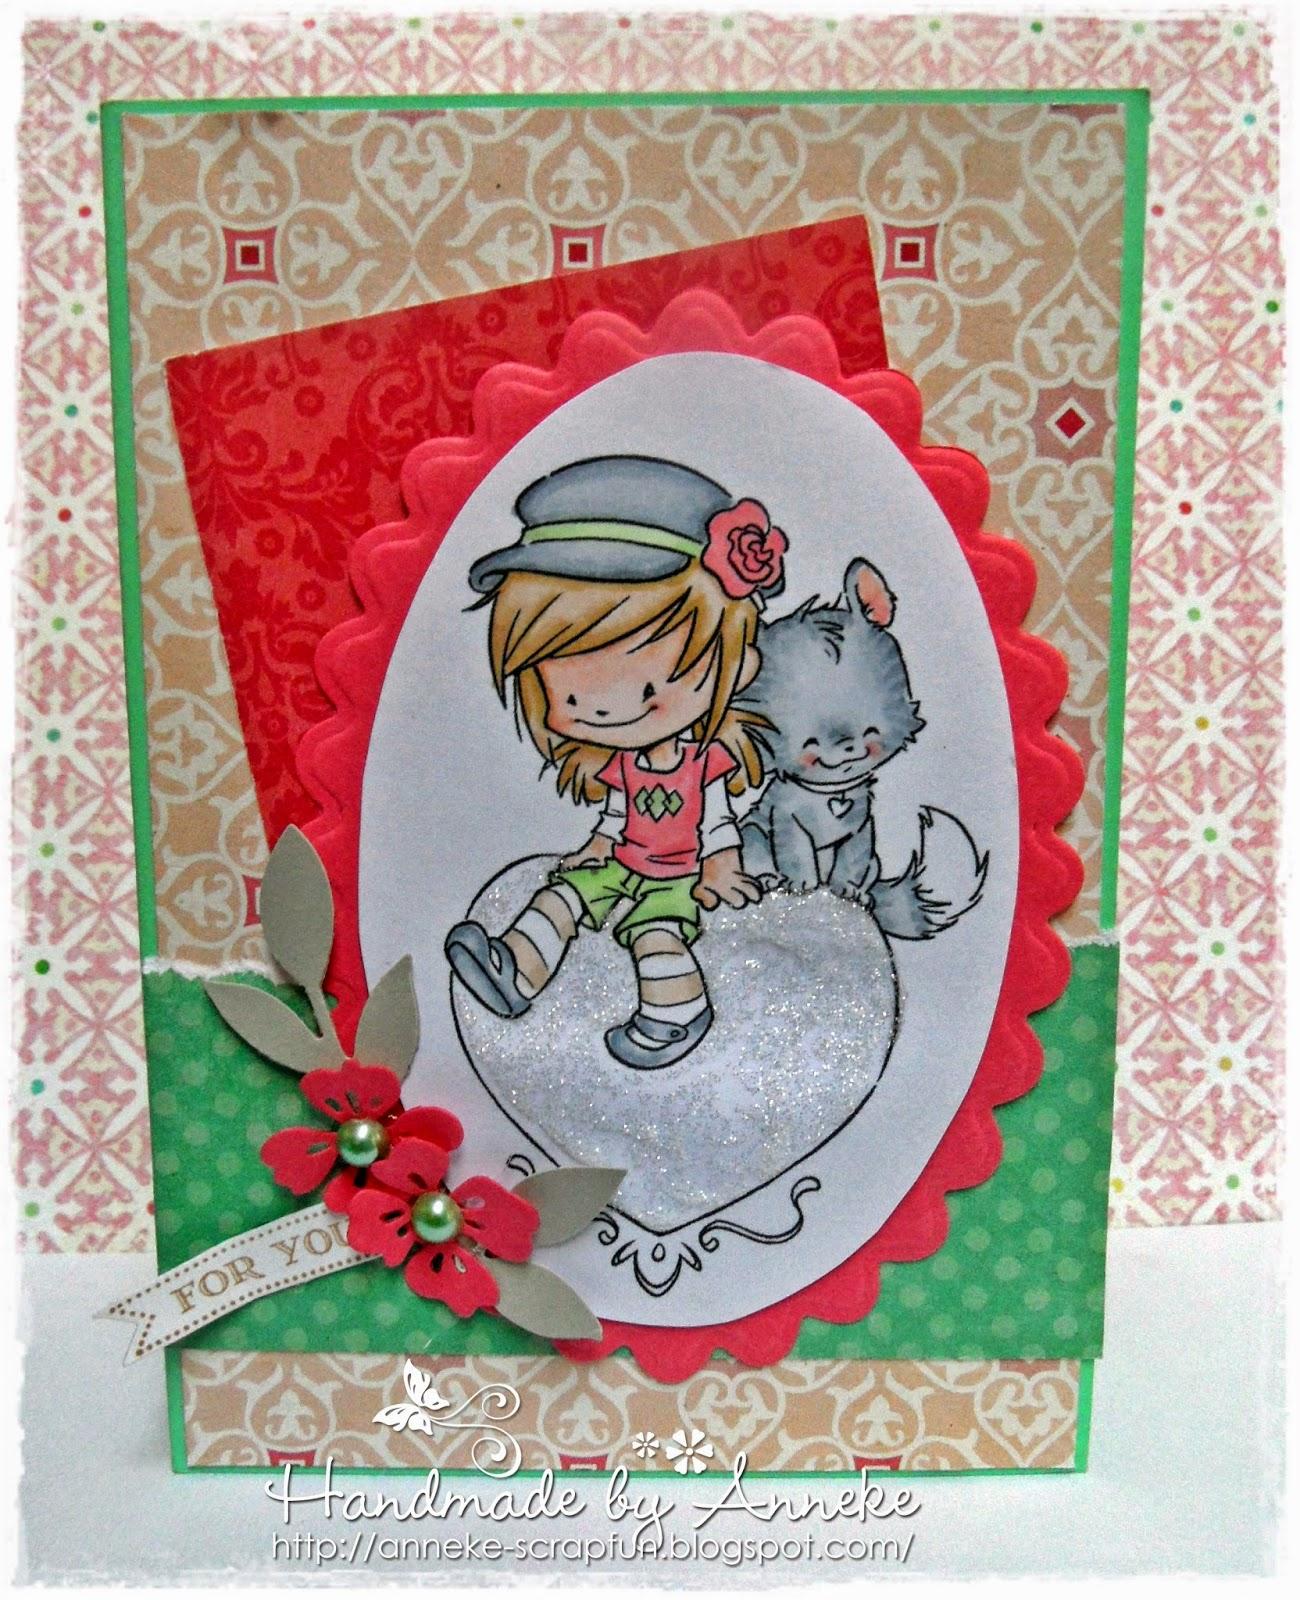 http://anneke-scrapfun.blogspot.be/2014/11/hoi-allemaal-hier-ben-ik-eindelijk-weer.html